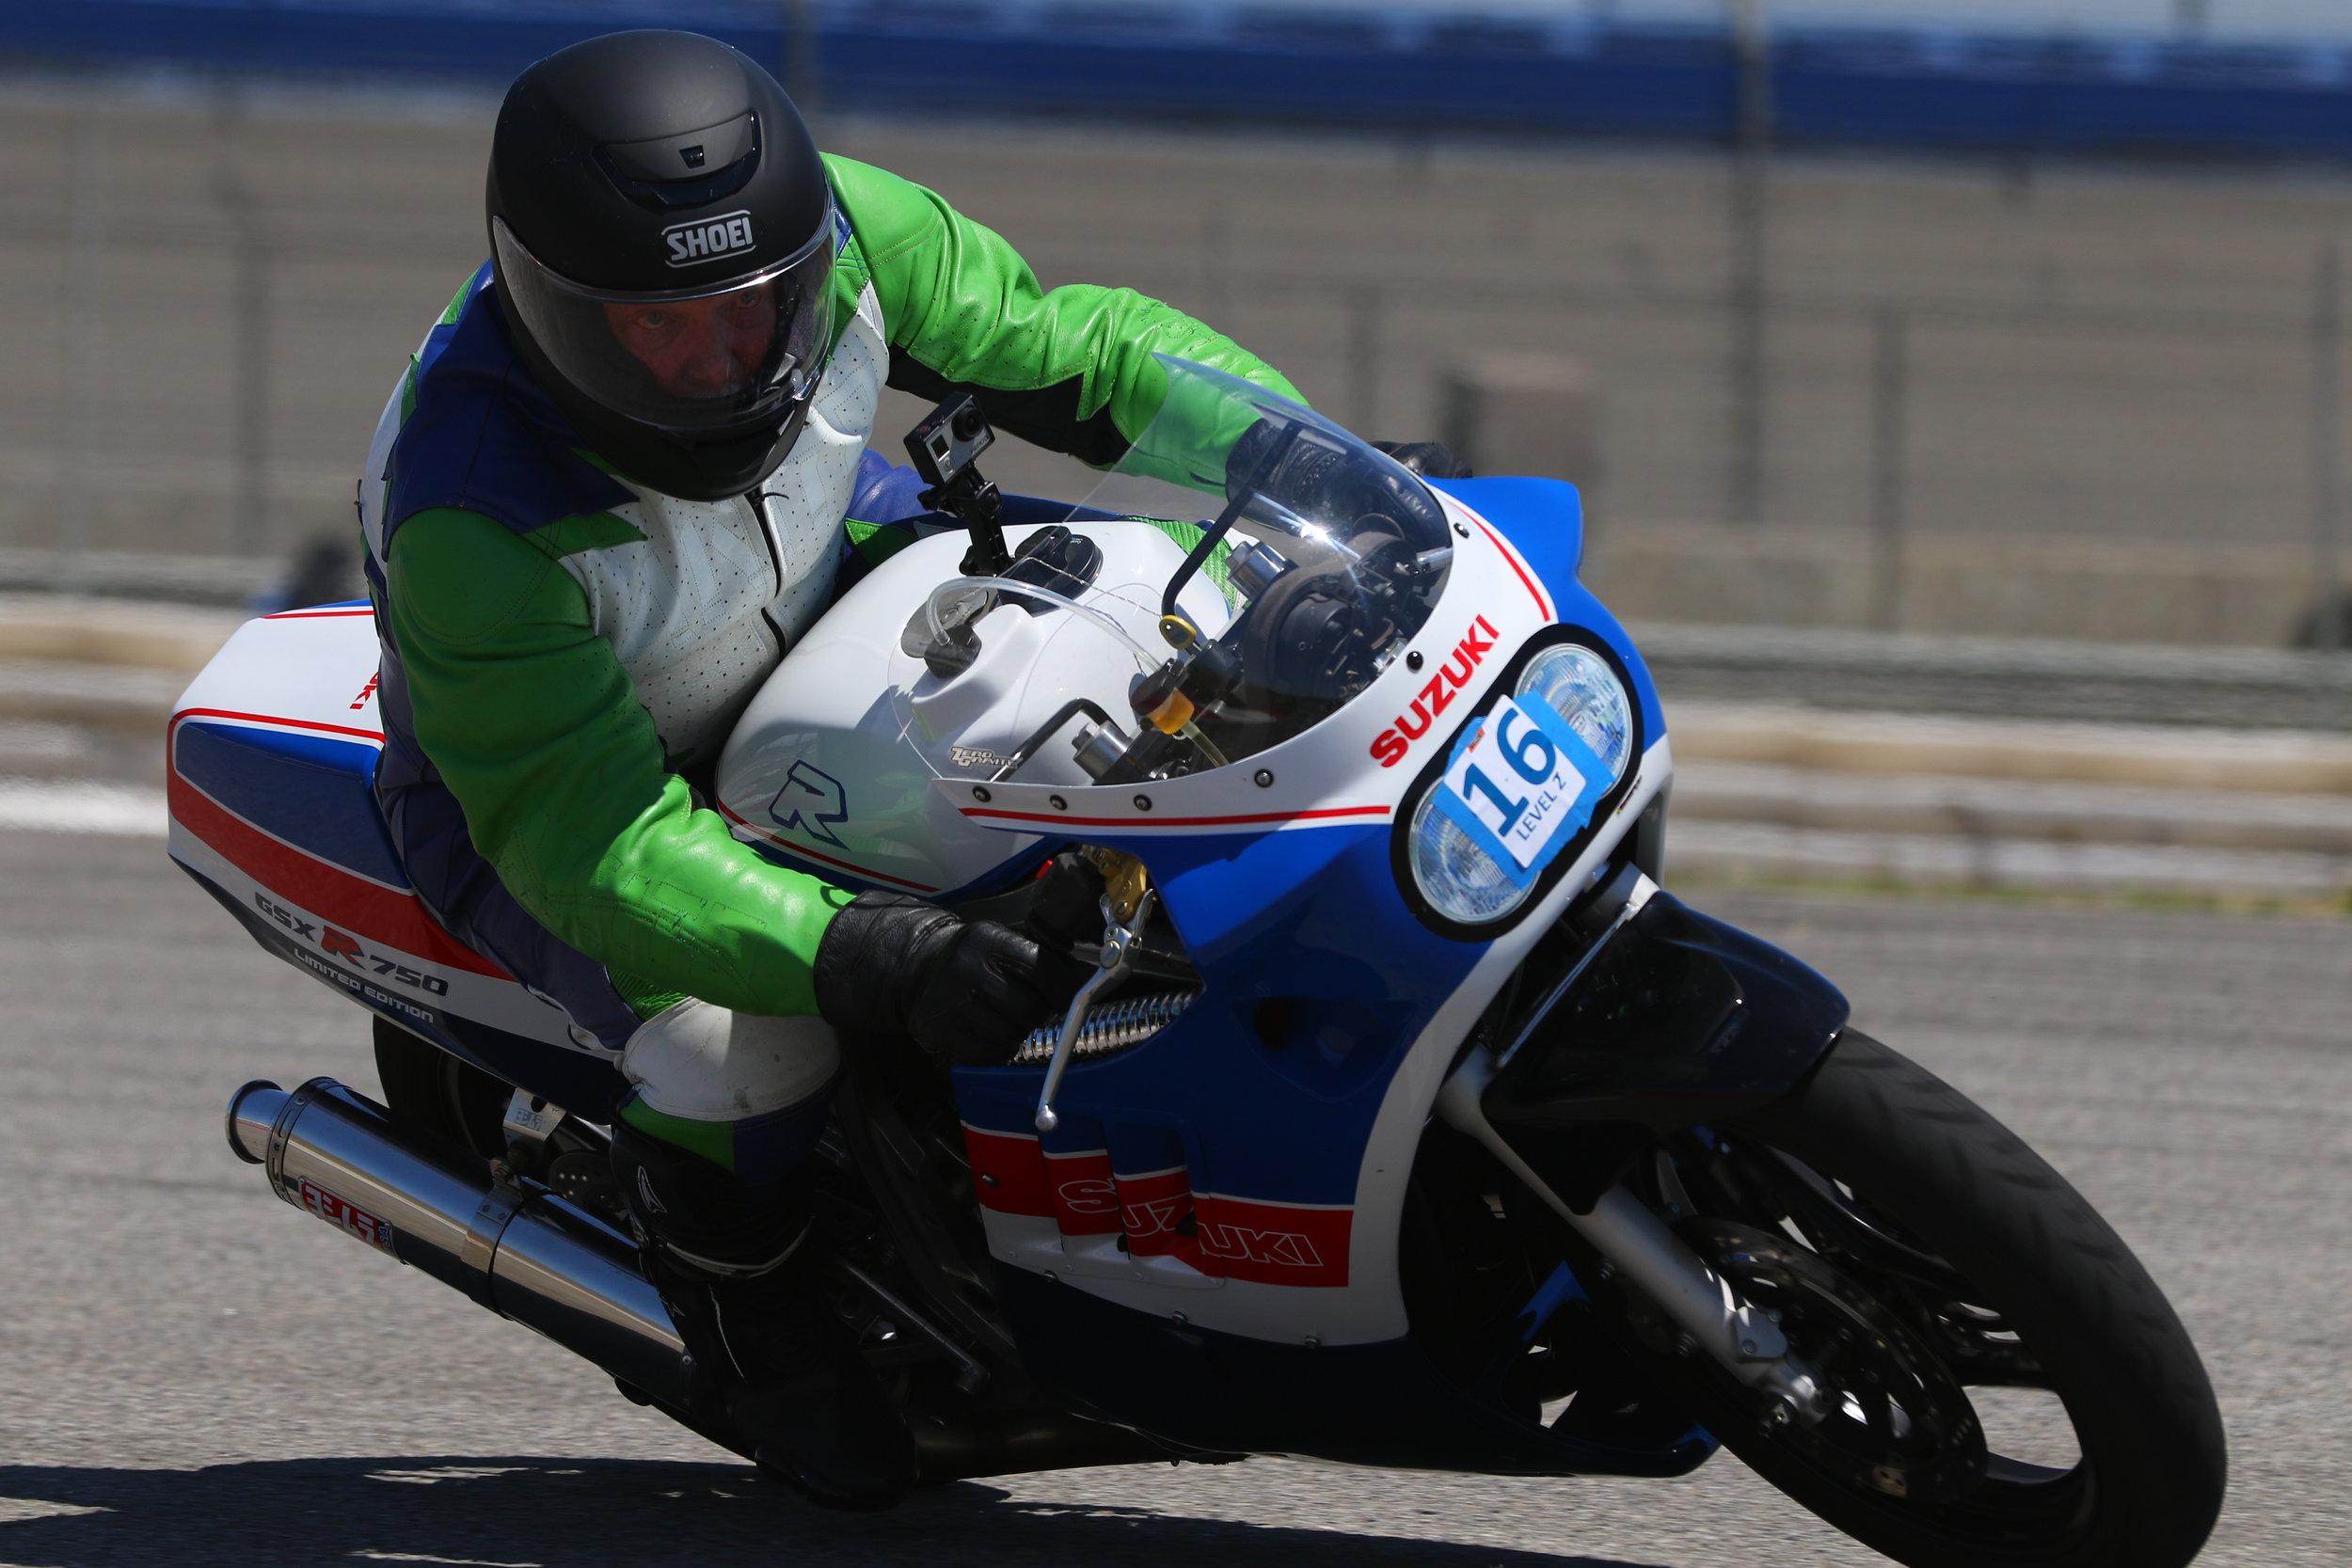 Tate Casey rides the Suzuki GSX-R750 at Auto Club Speedway